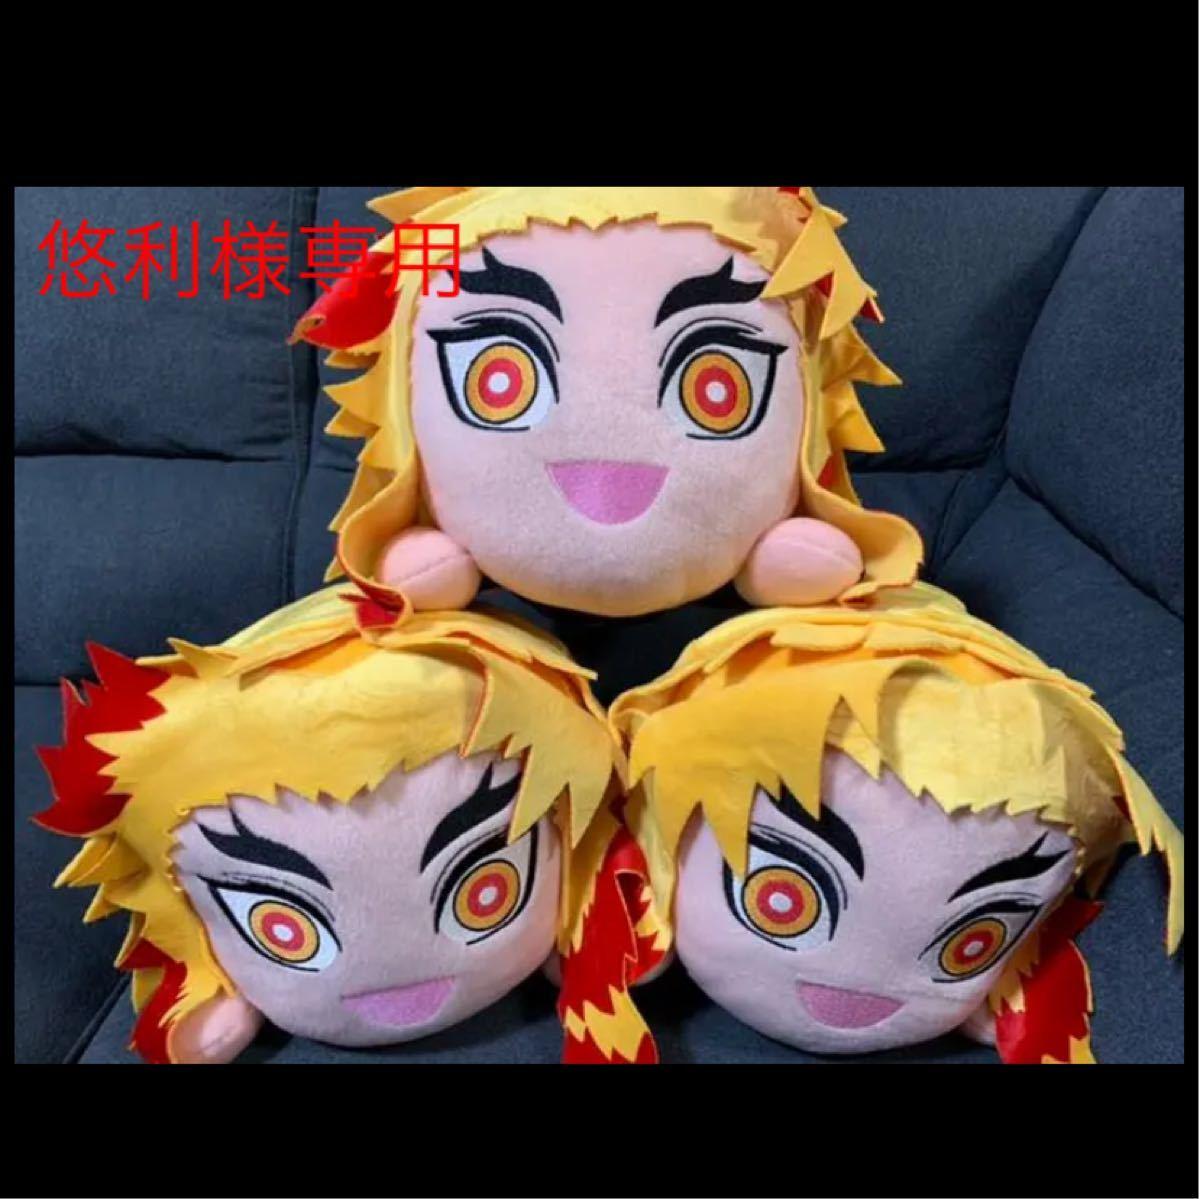 鬼滅の刃 メガジャンボ寝そべりぬいぐるみ 煉獄杏寿郎3個セット